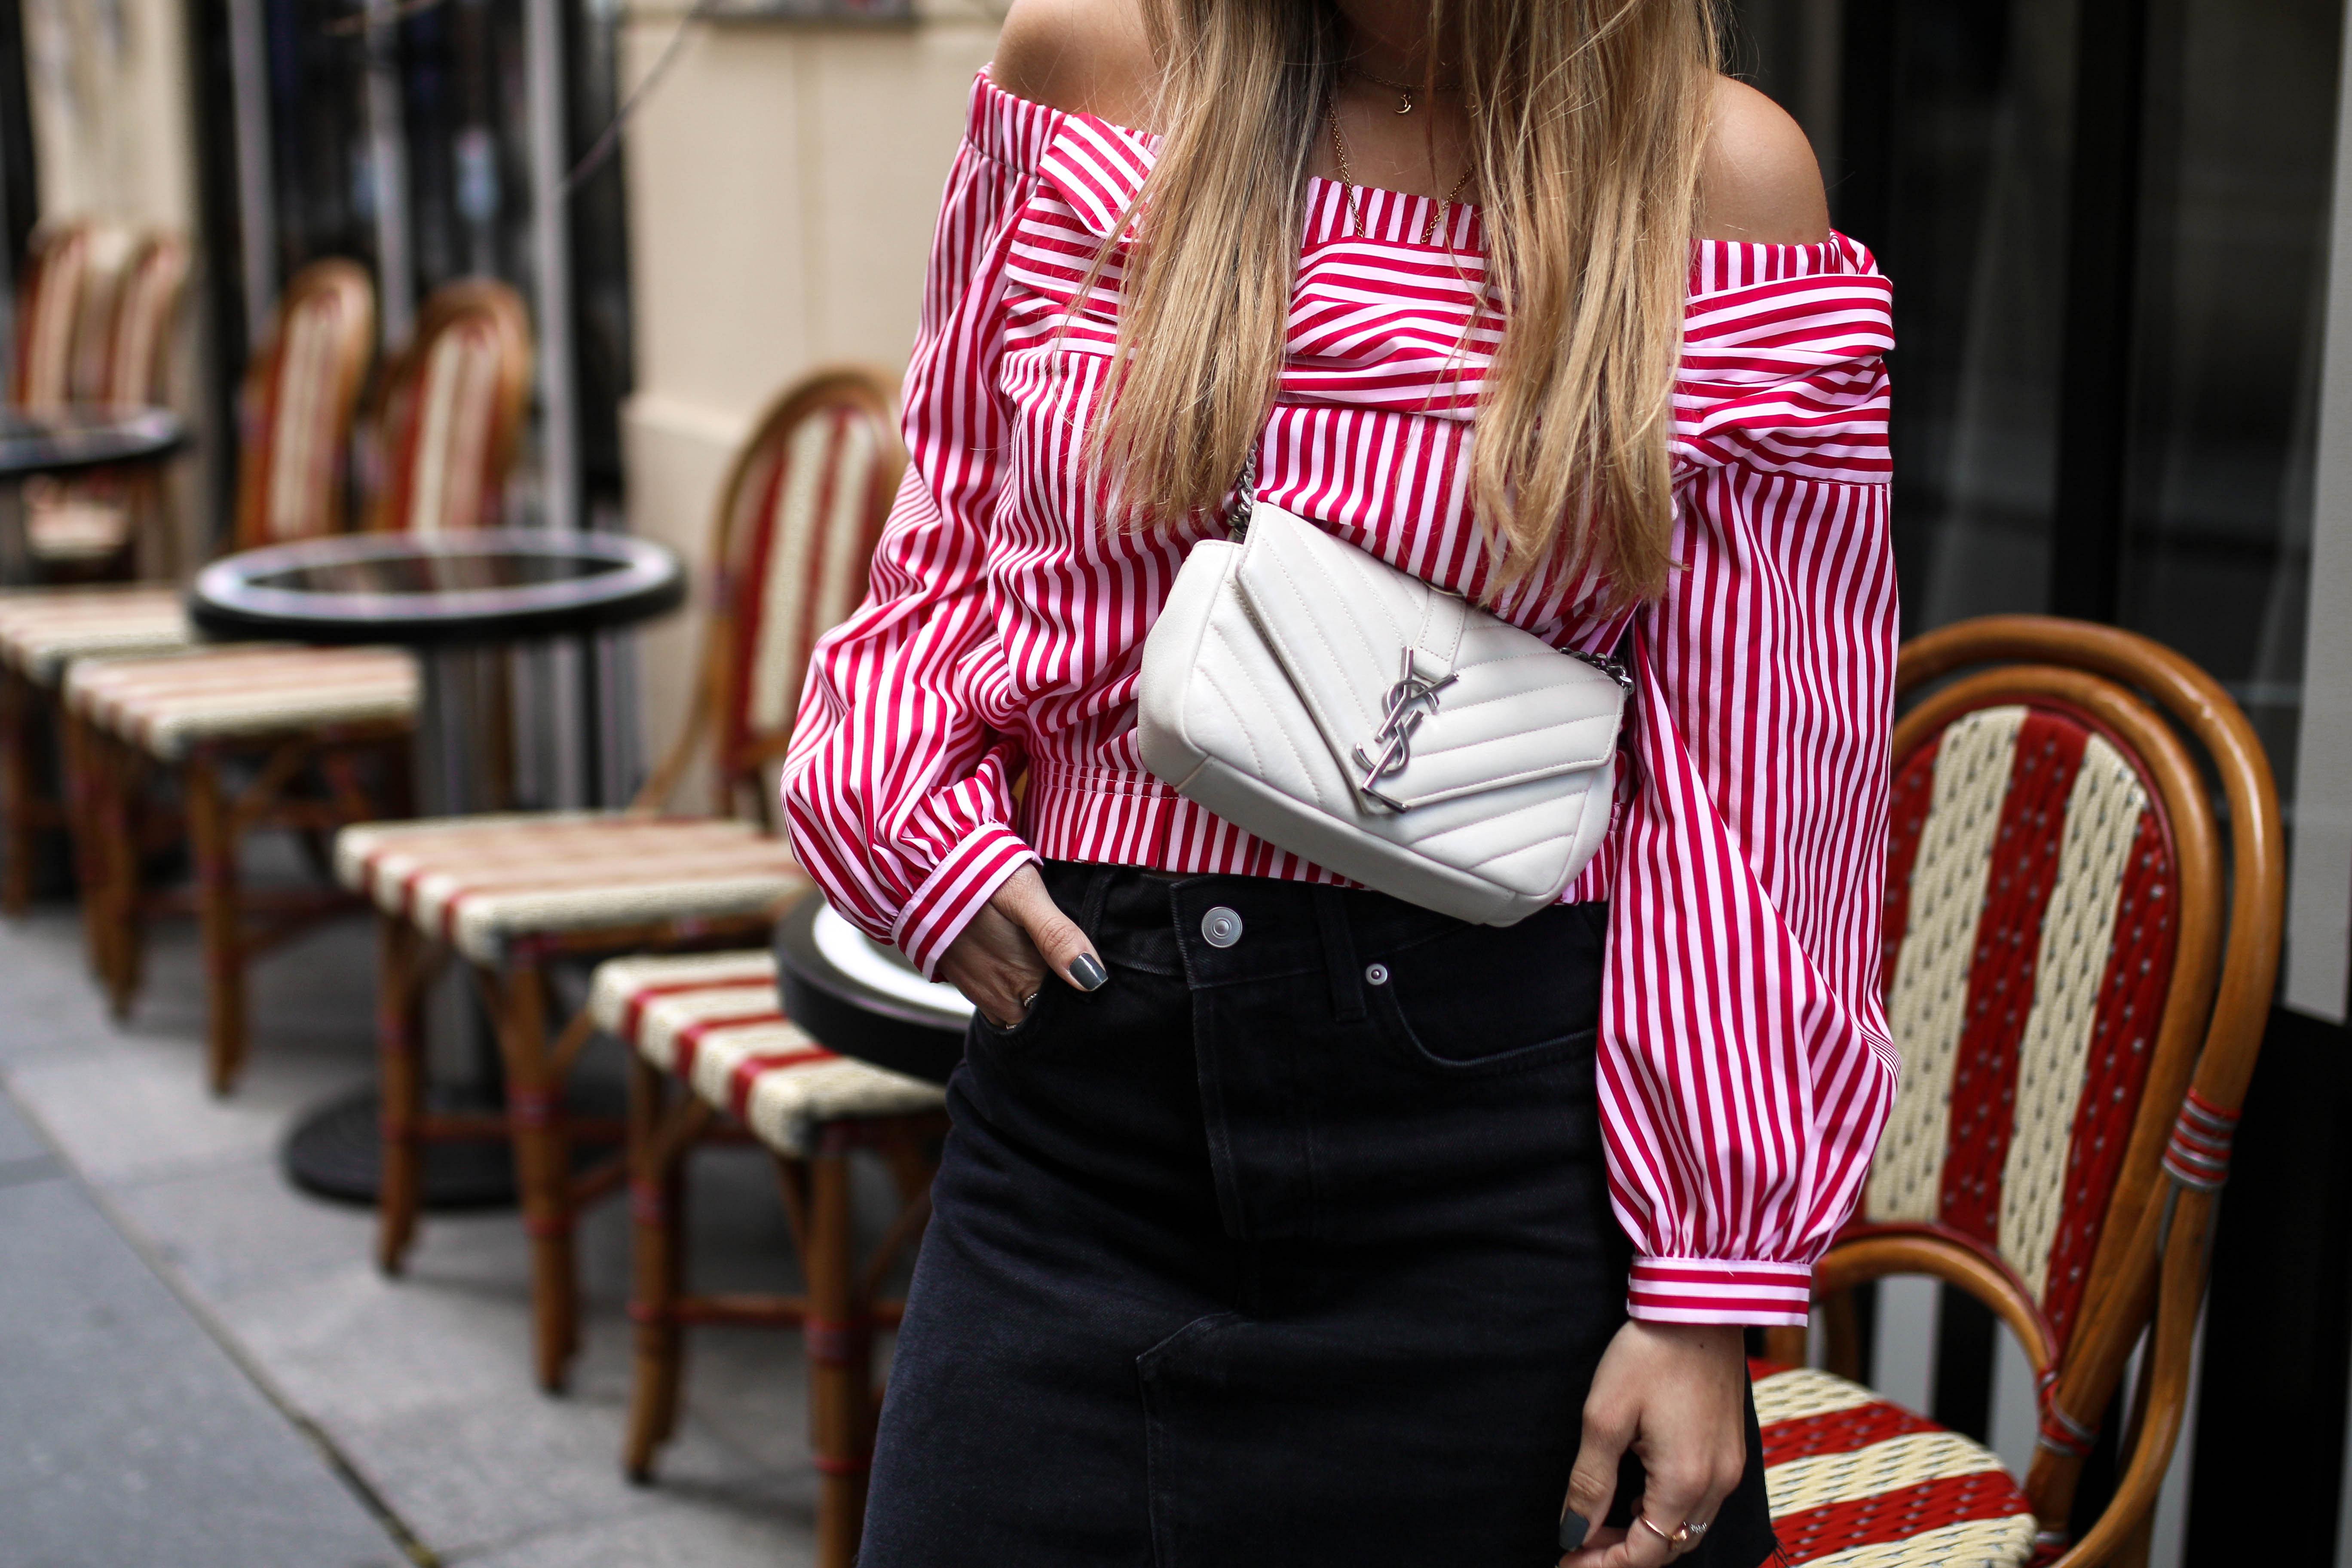 paris streetstyle pinterest inspiration outfit post fashion blog saint laurent bag